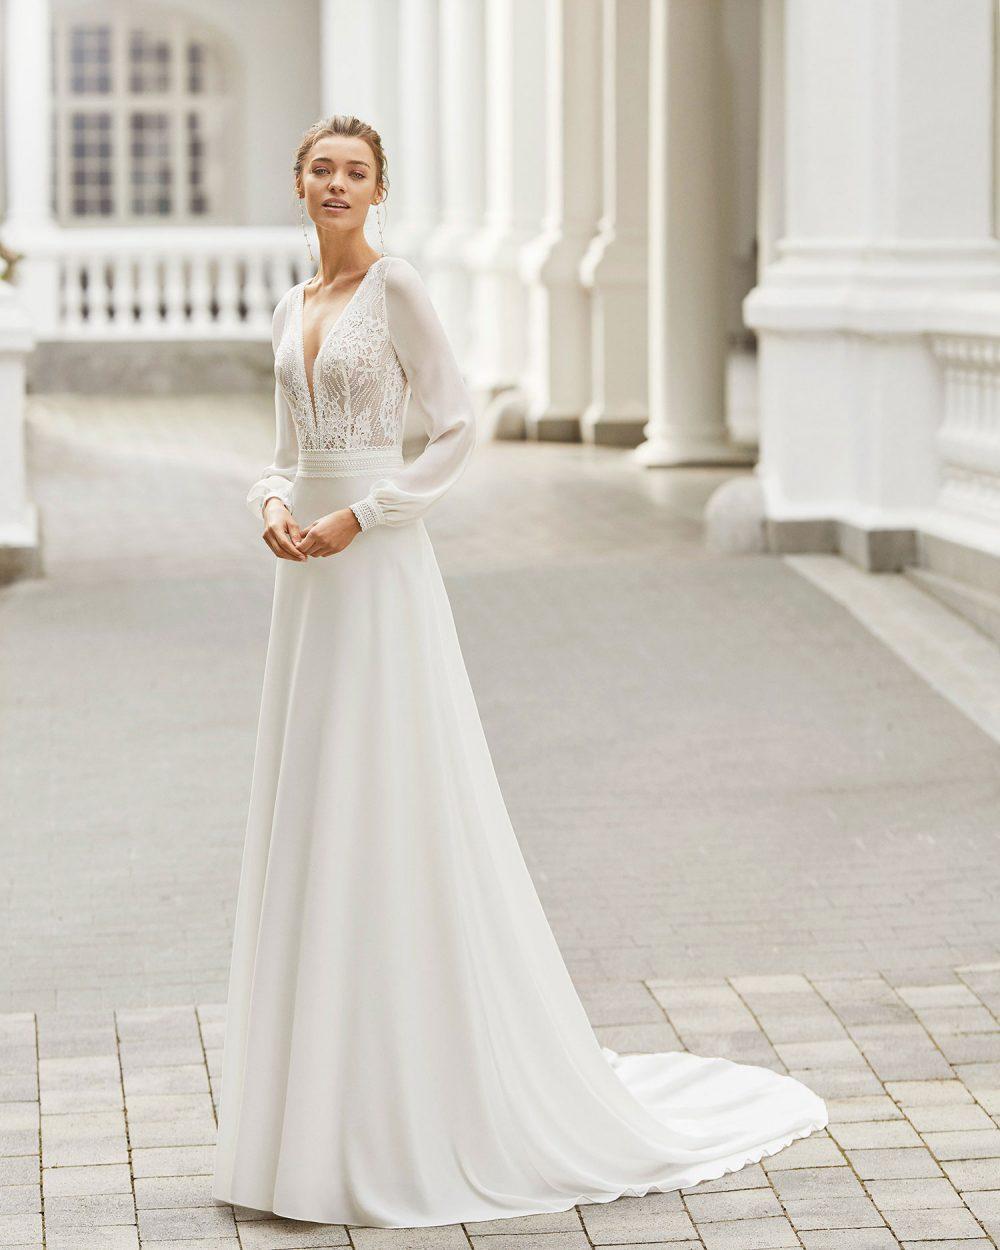 Rosa Clarà 2022 abito vestito sposa Vicenza SACHA